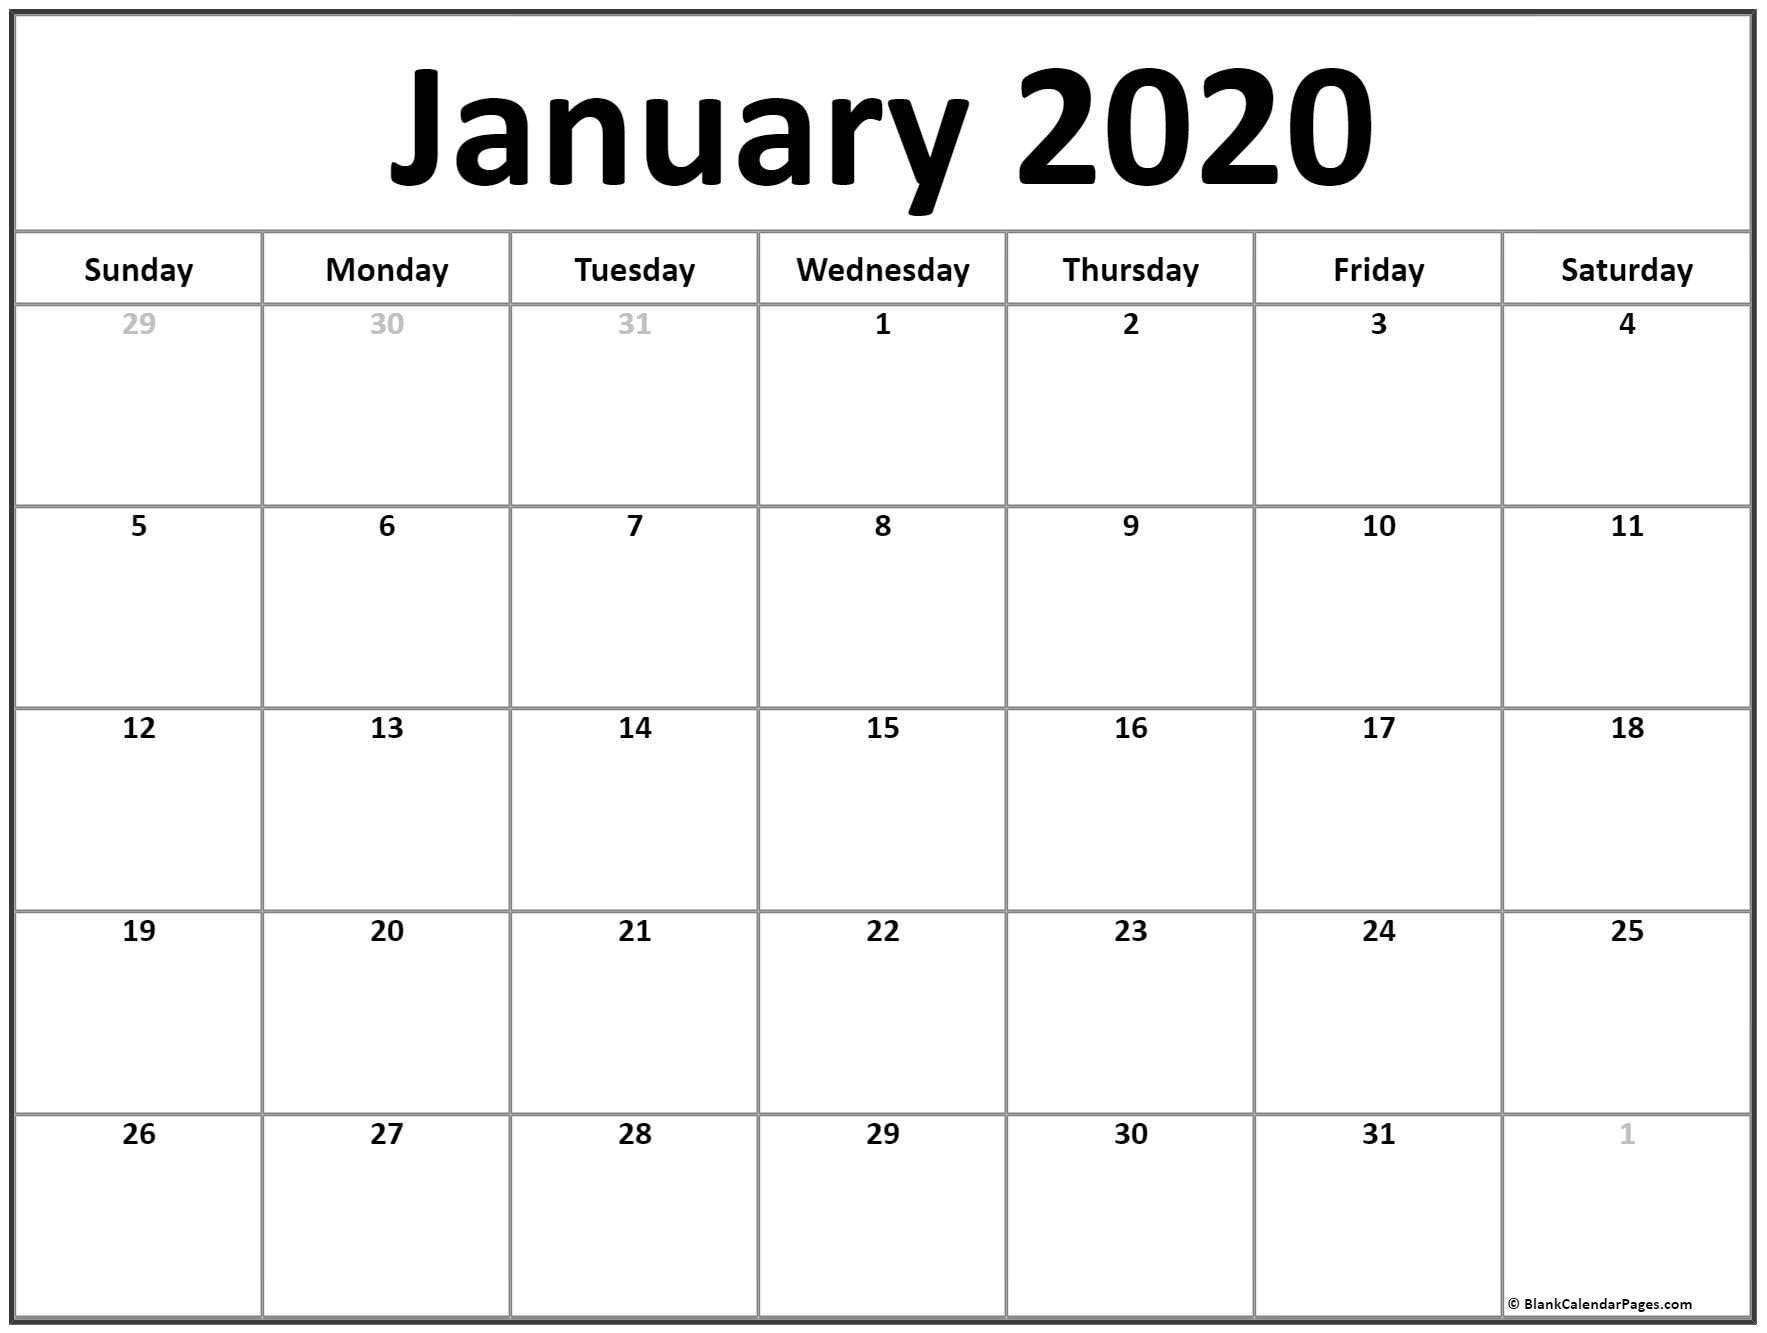 Free January 2020 Printable Calendar - Create Your Editable-January 2020 Calendar Doc